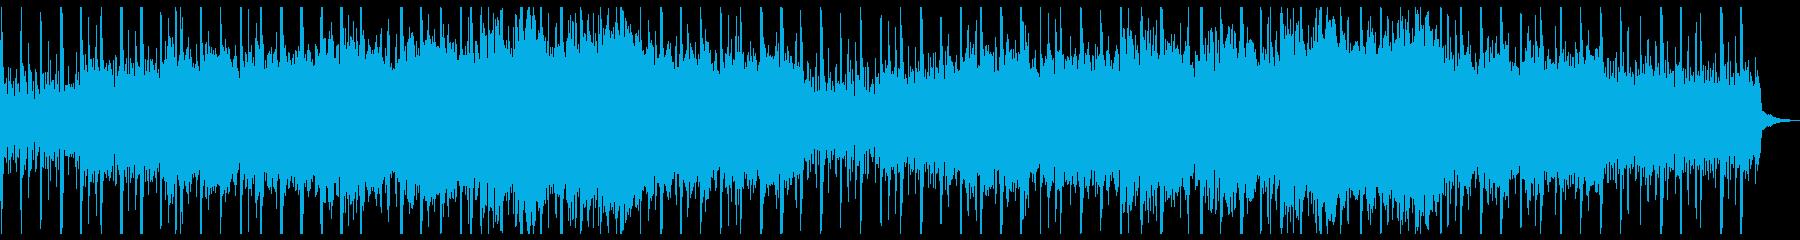 コンセプト感や上品さのあるストリングスの再生済みの波形